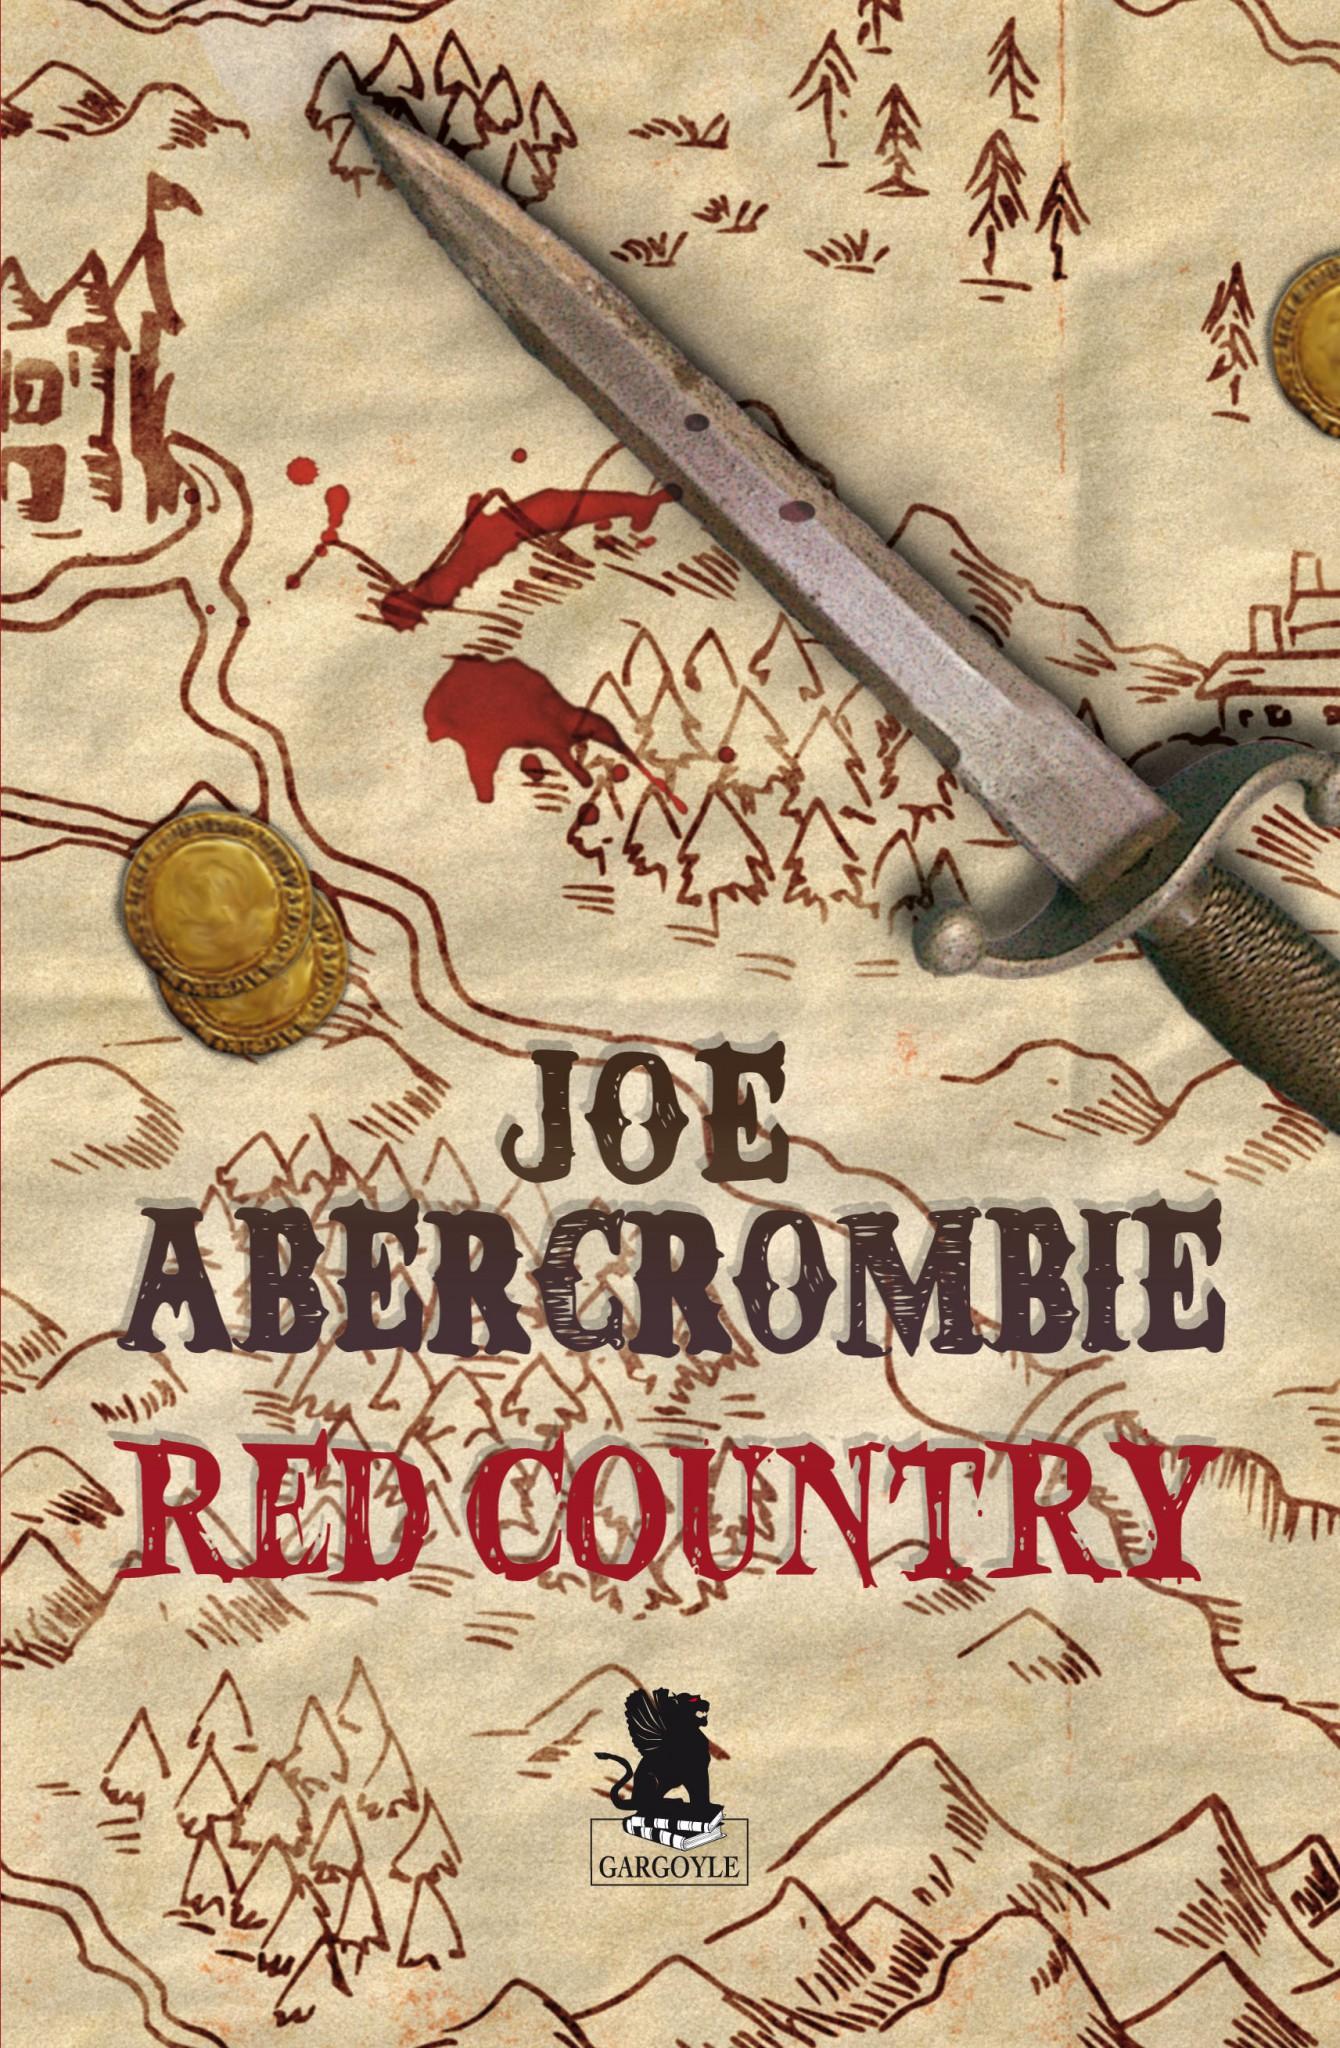 red-country-la-recensione-sugarpulp